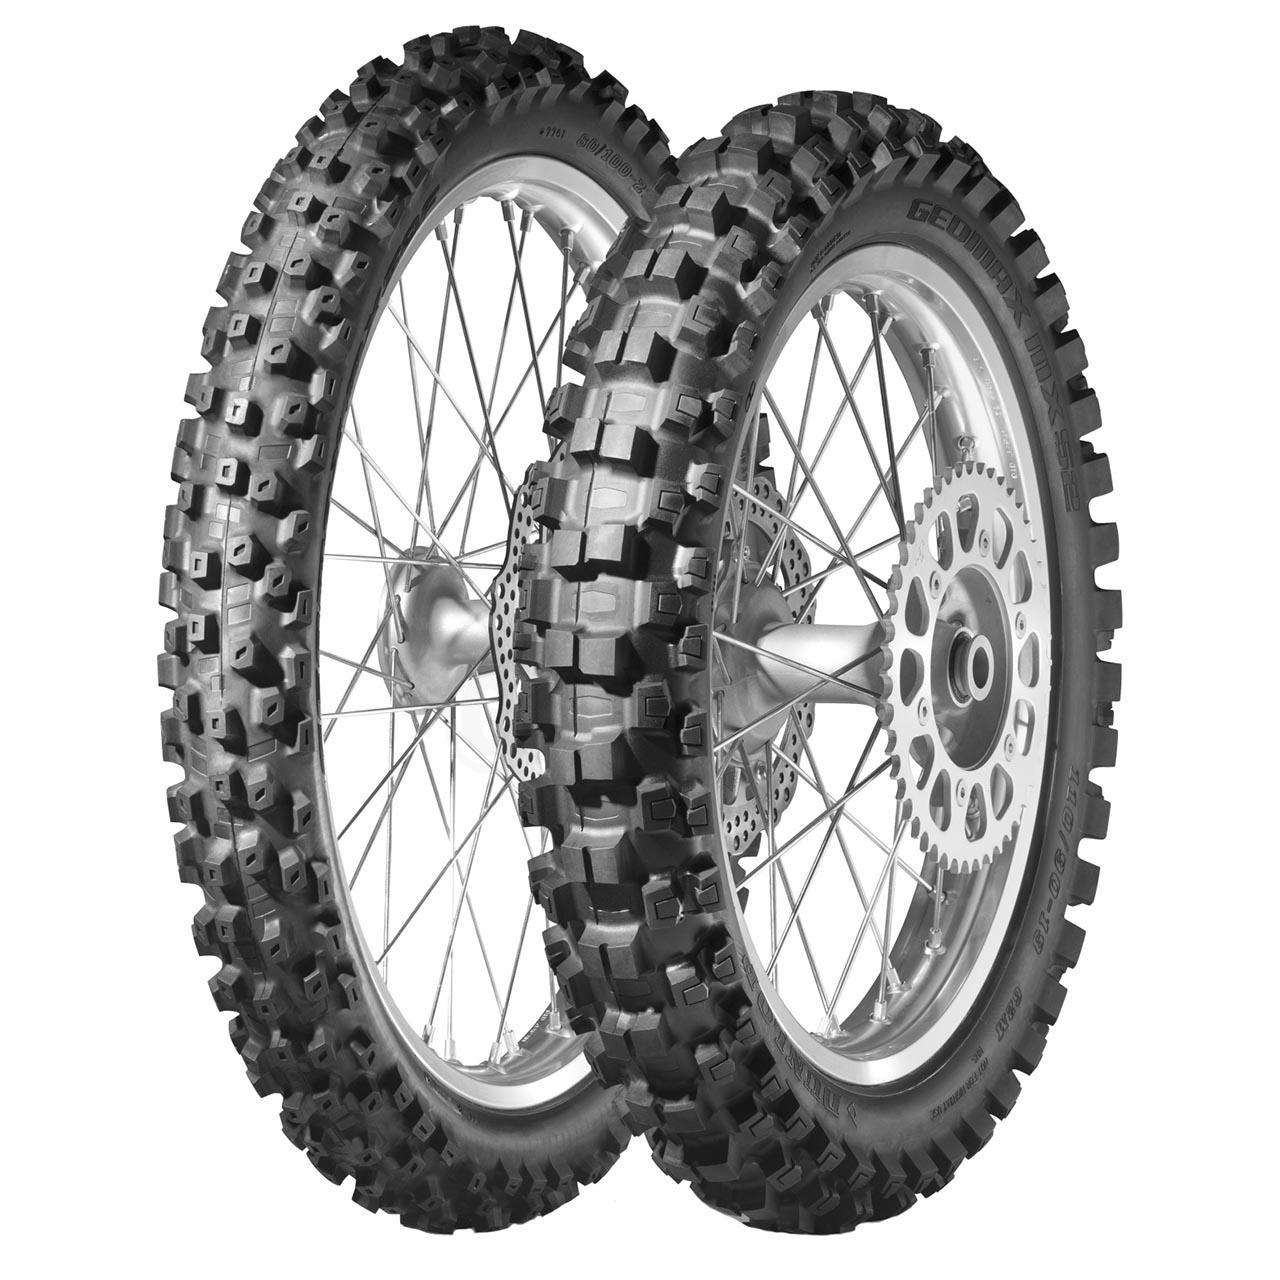 Dunlop Geomax MX52 F 60/100-10 33J TT